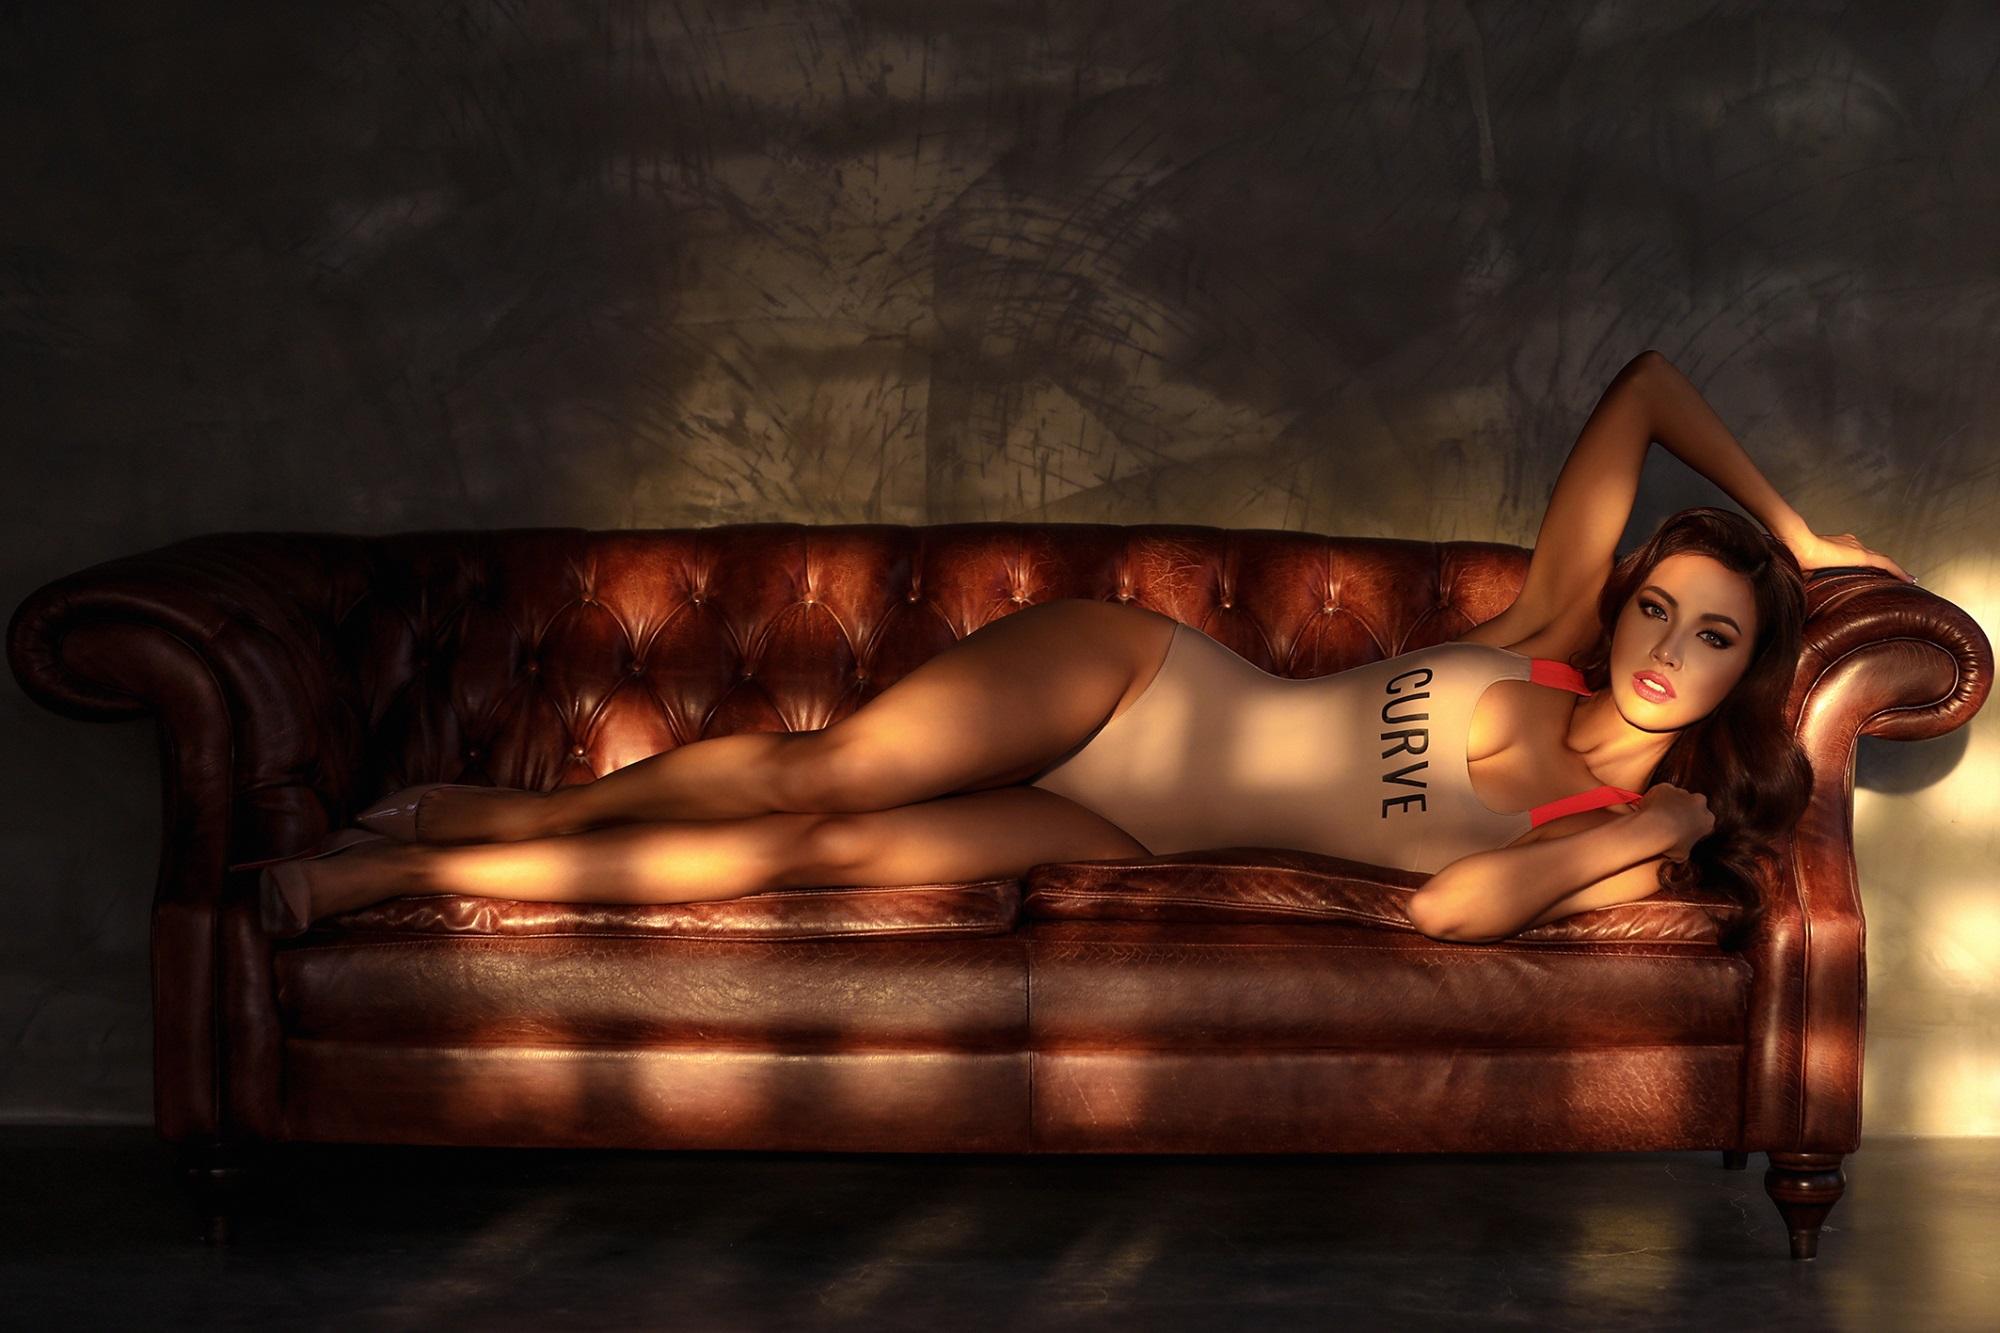 Minh Tú khoe dáng nuột nà trong bộ ảnh bikini nóng bỏng khiến fan 'mất máu' - Ảnh 1